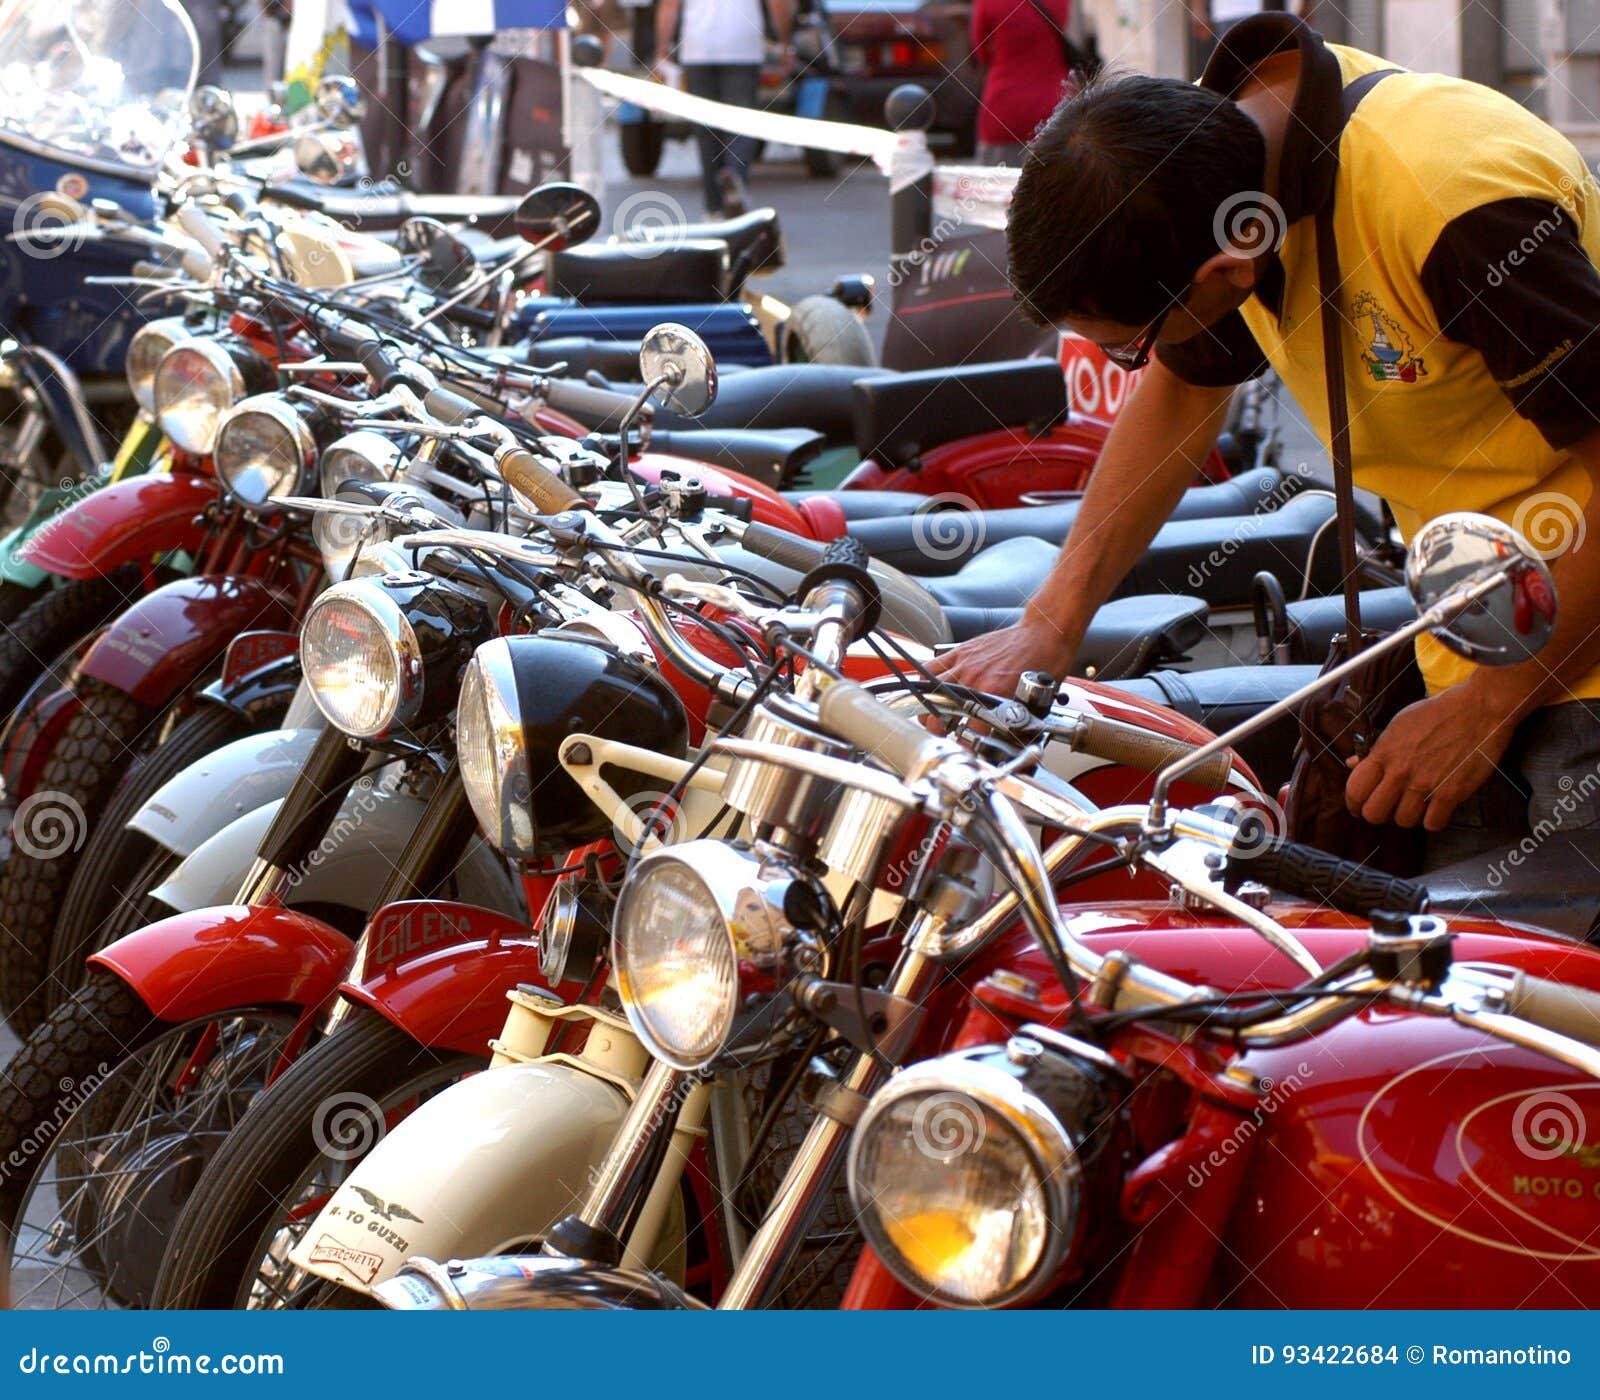 site de rencontres moto rencontres en ligne première date